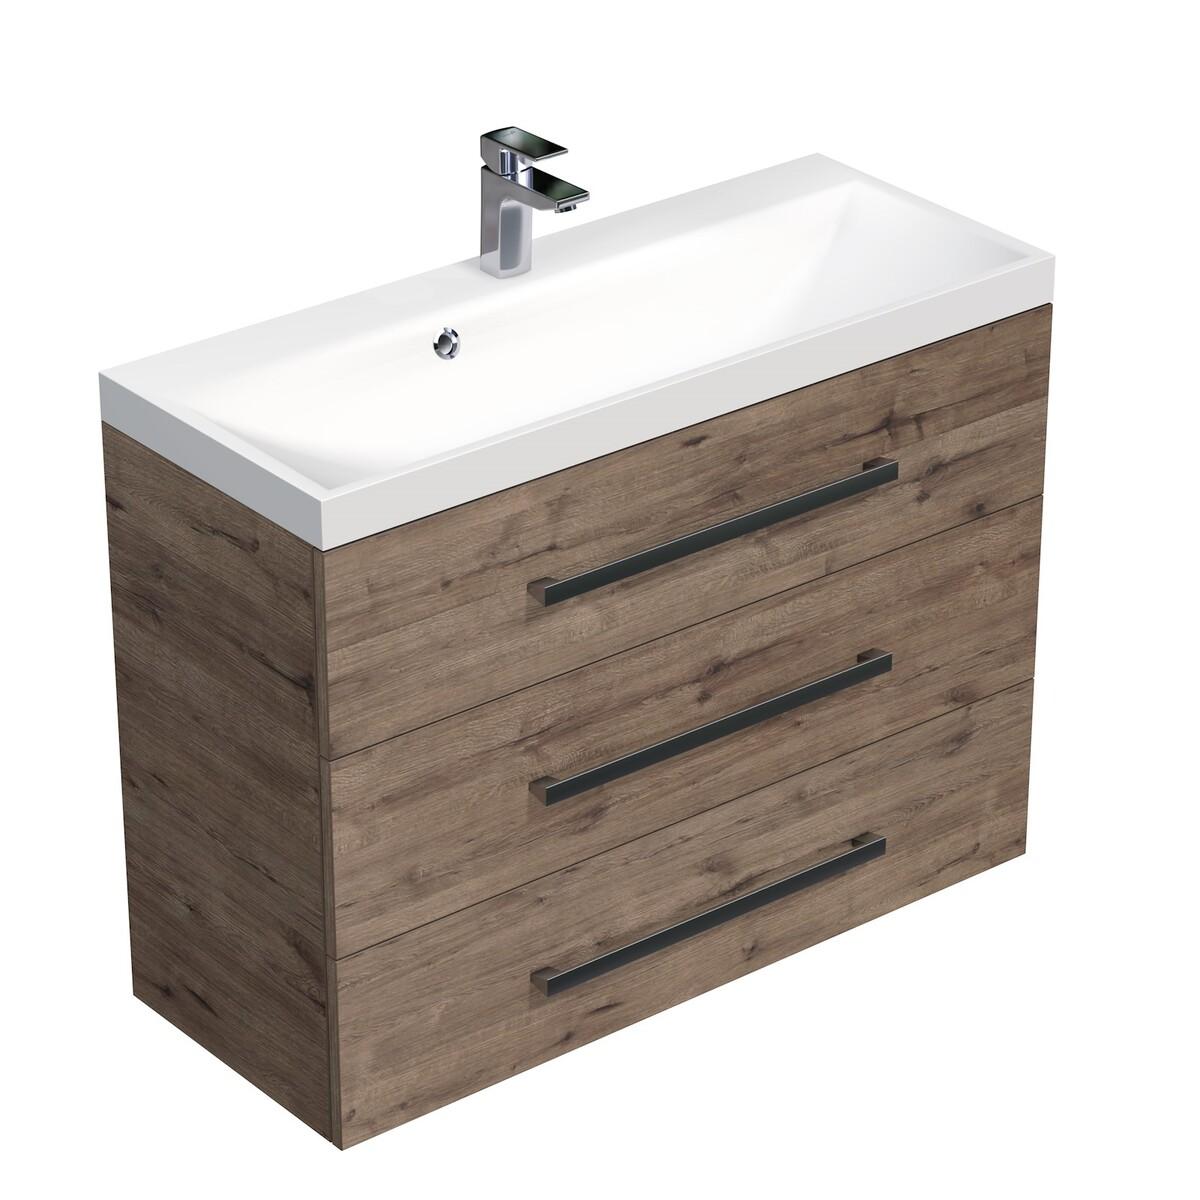 Koupelnová skříňka s umyvadlem Naturel Cube Way 100x76,5x40 cm dub wellington CUBE21003DW